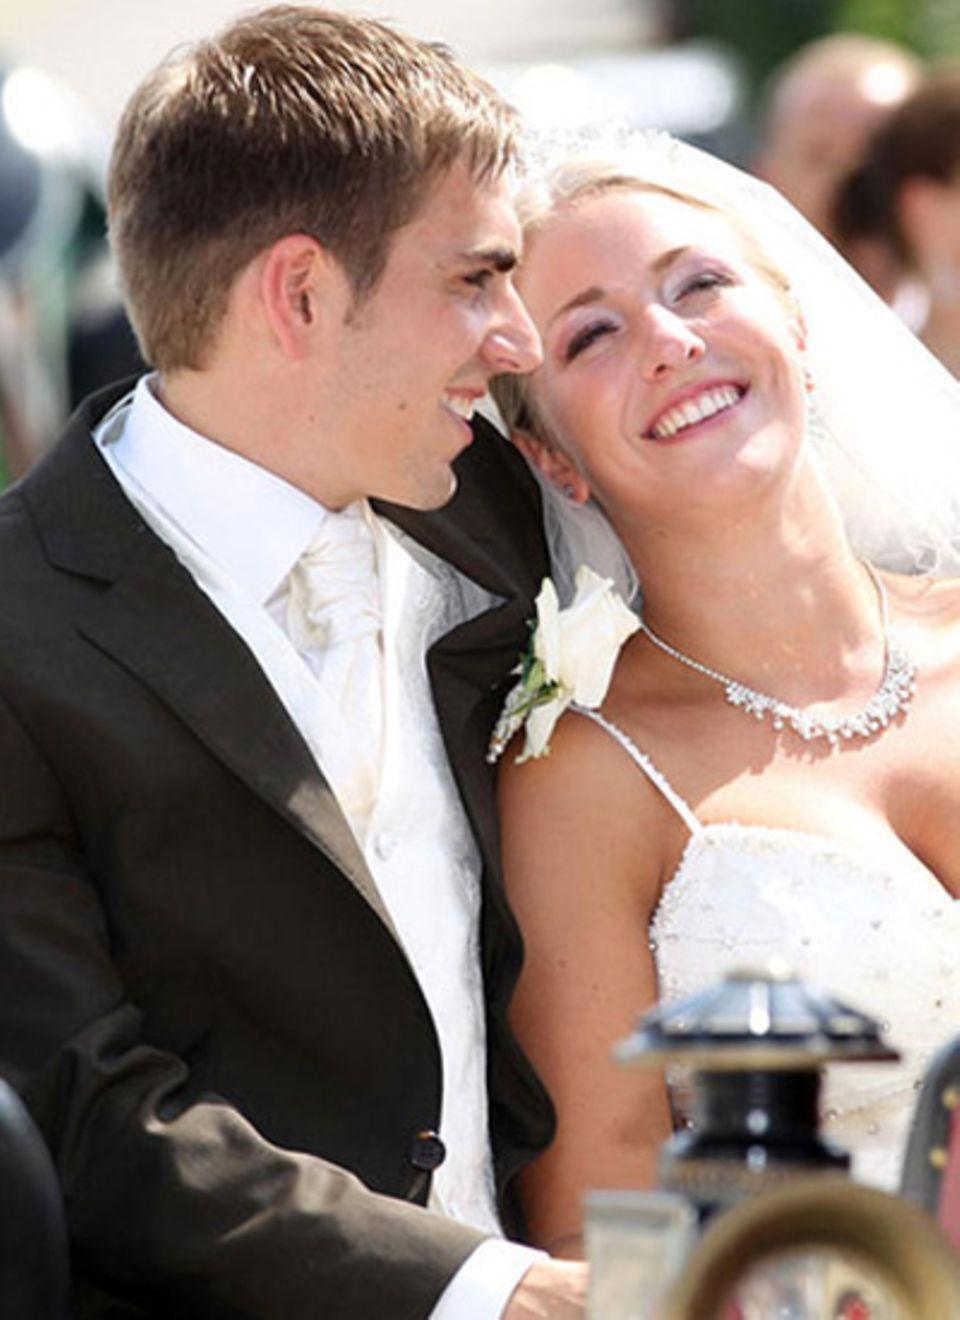 14. Juli 2010: Nationalspieler Philipp Lahm gab seiner Freundin Claudia Schattenberg in Oberbayern das Ja-Wort.